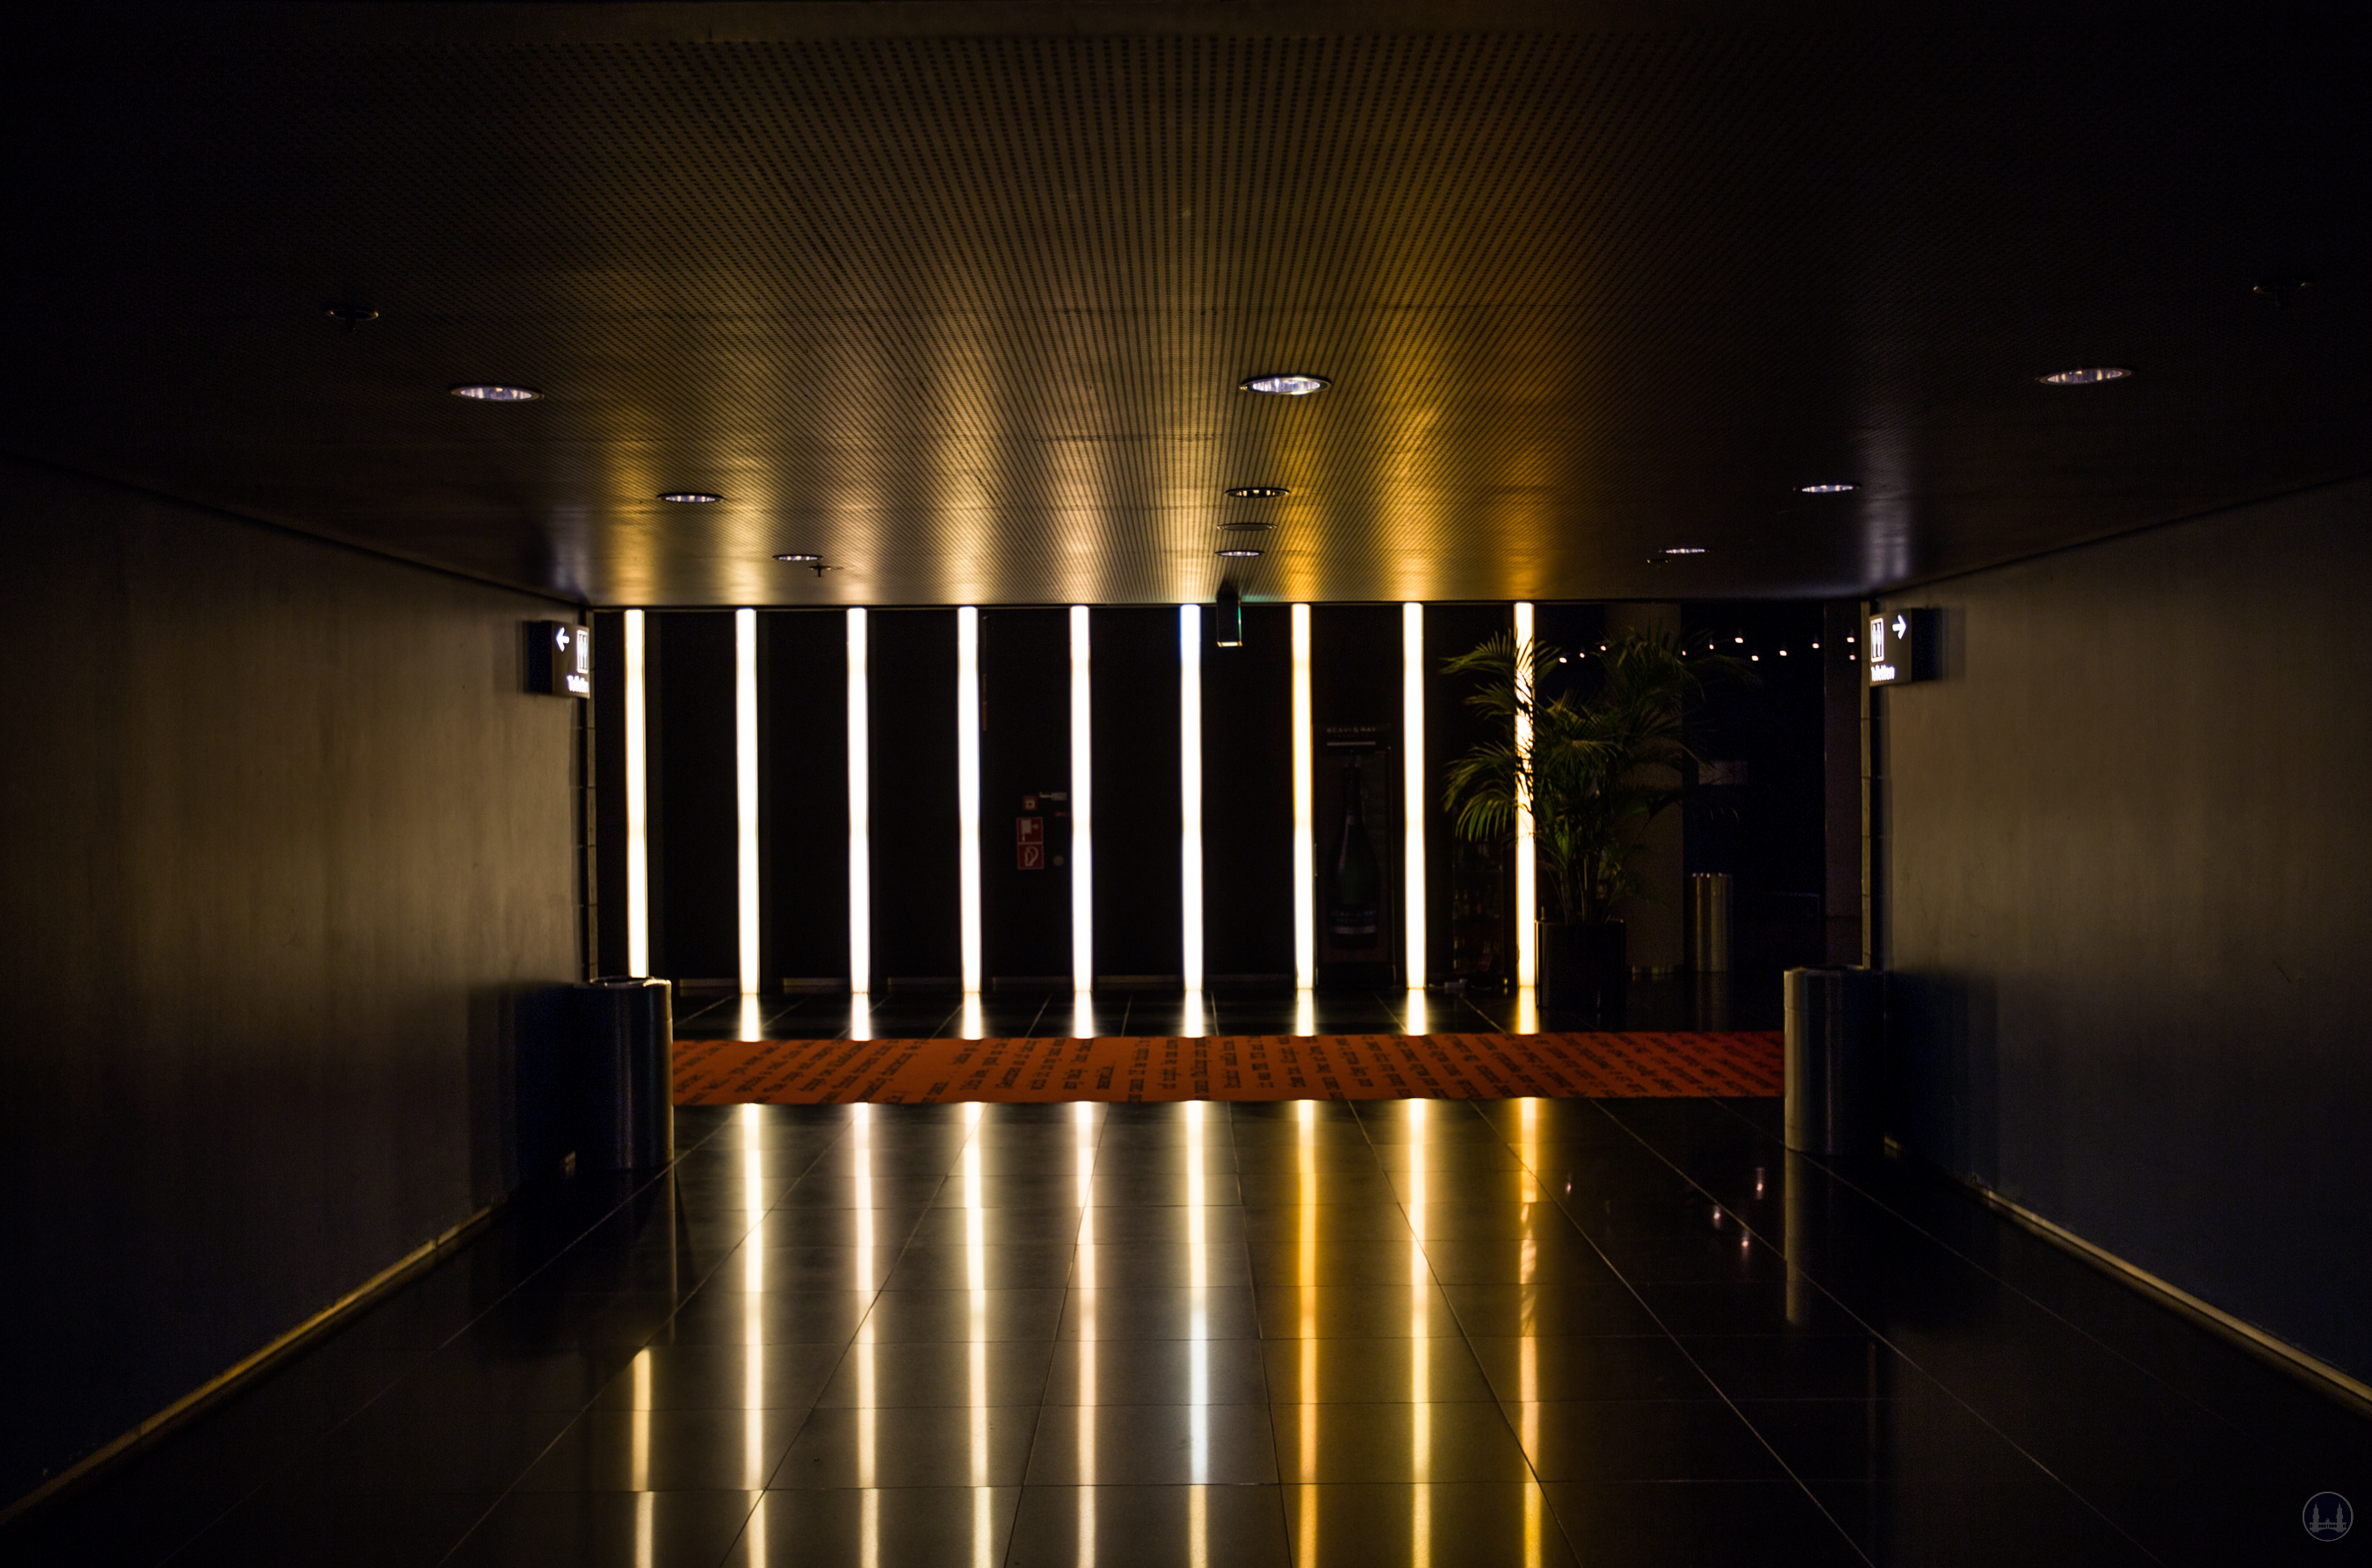 CineStar Kino im Sony Center Berlin. Blick vom Toilettenbereich zum Flur.